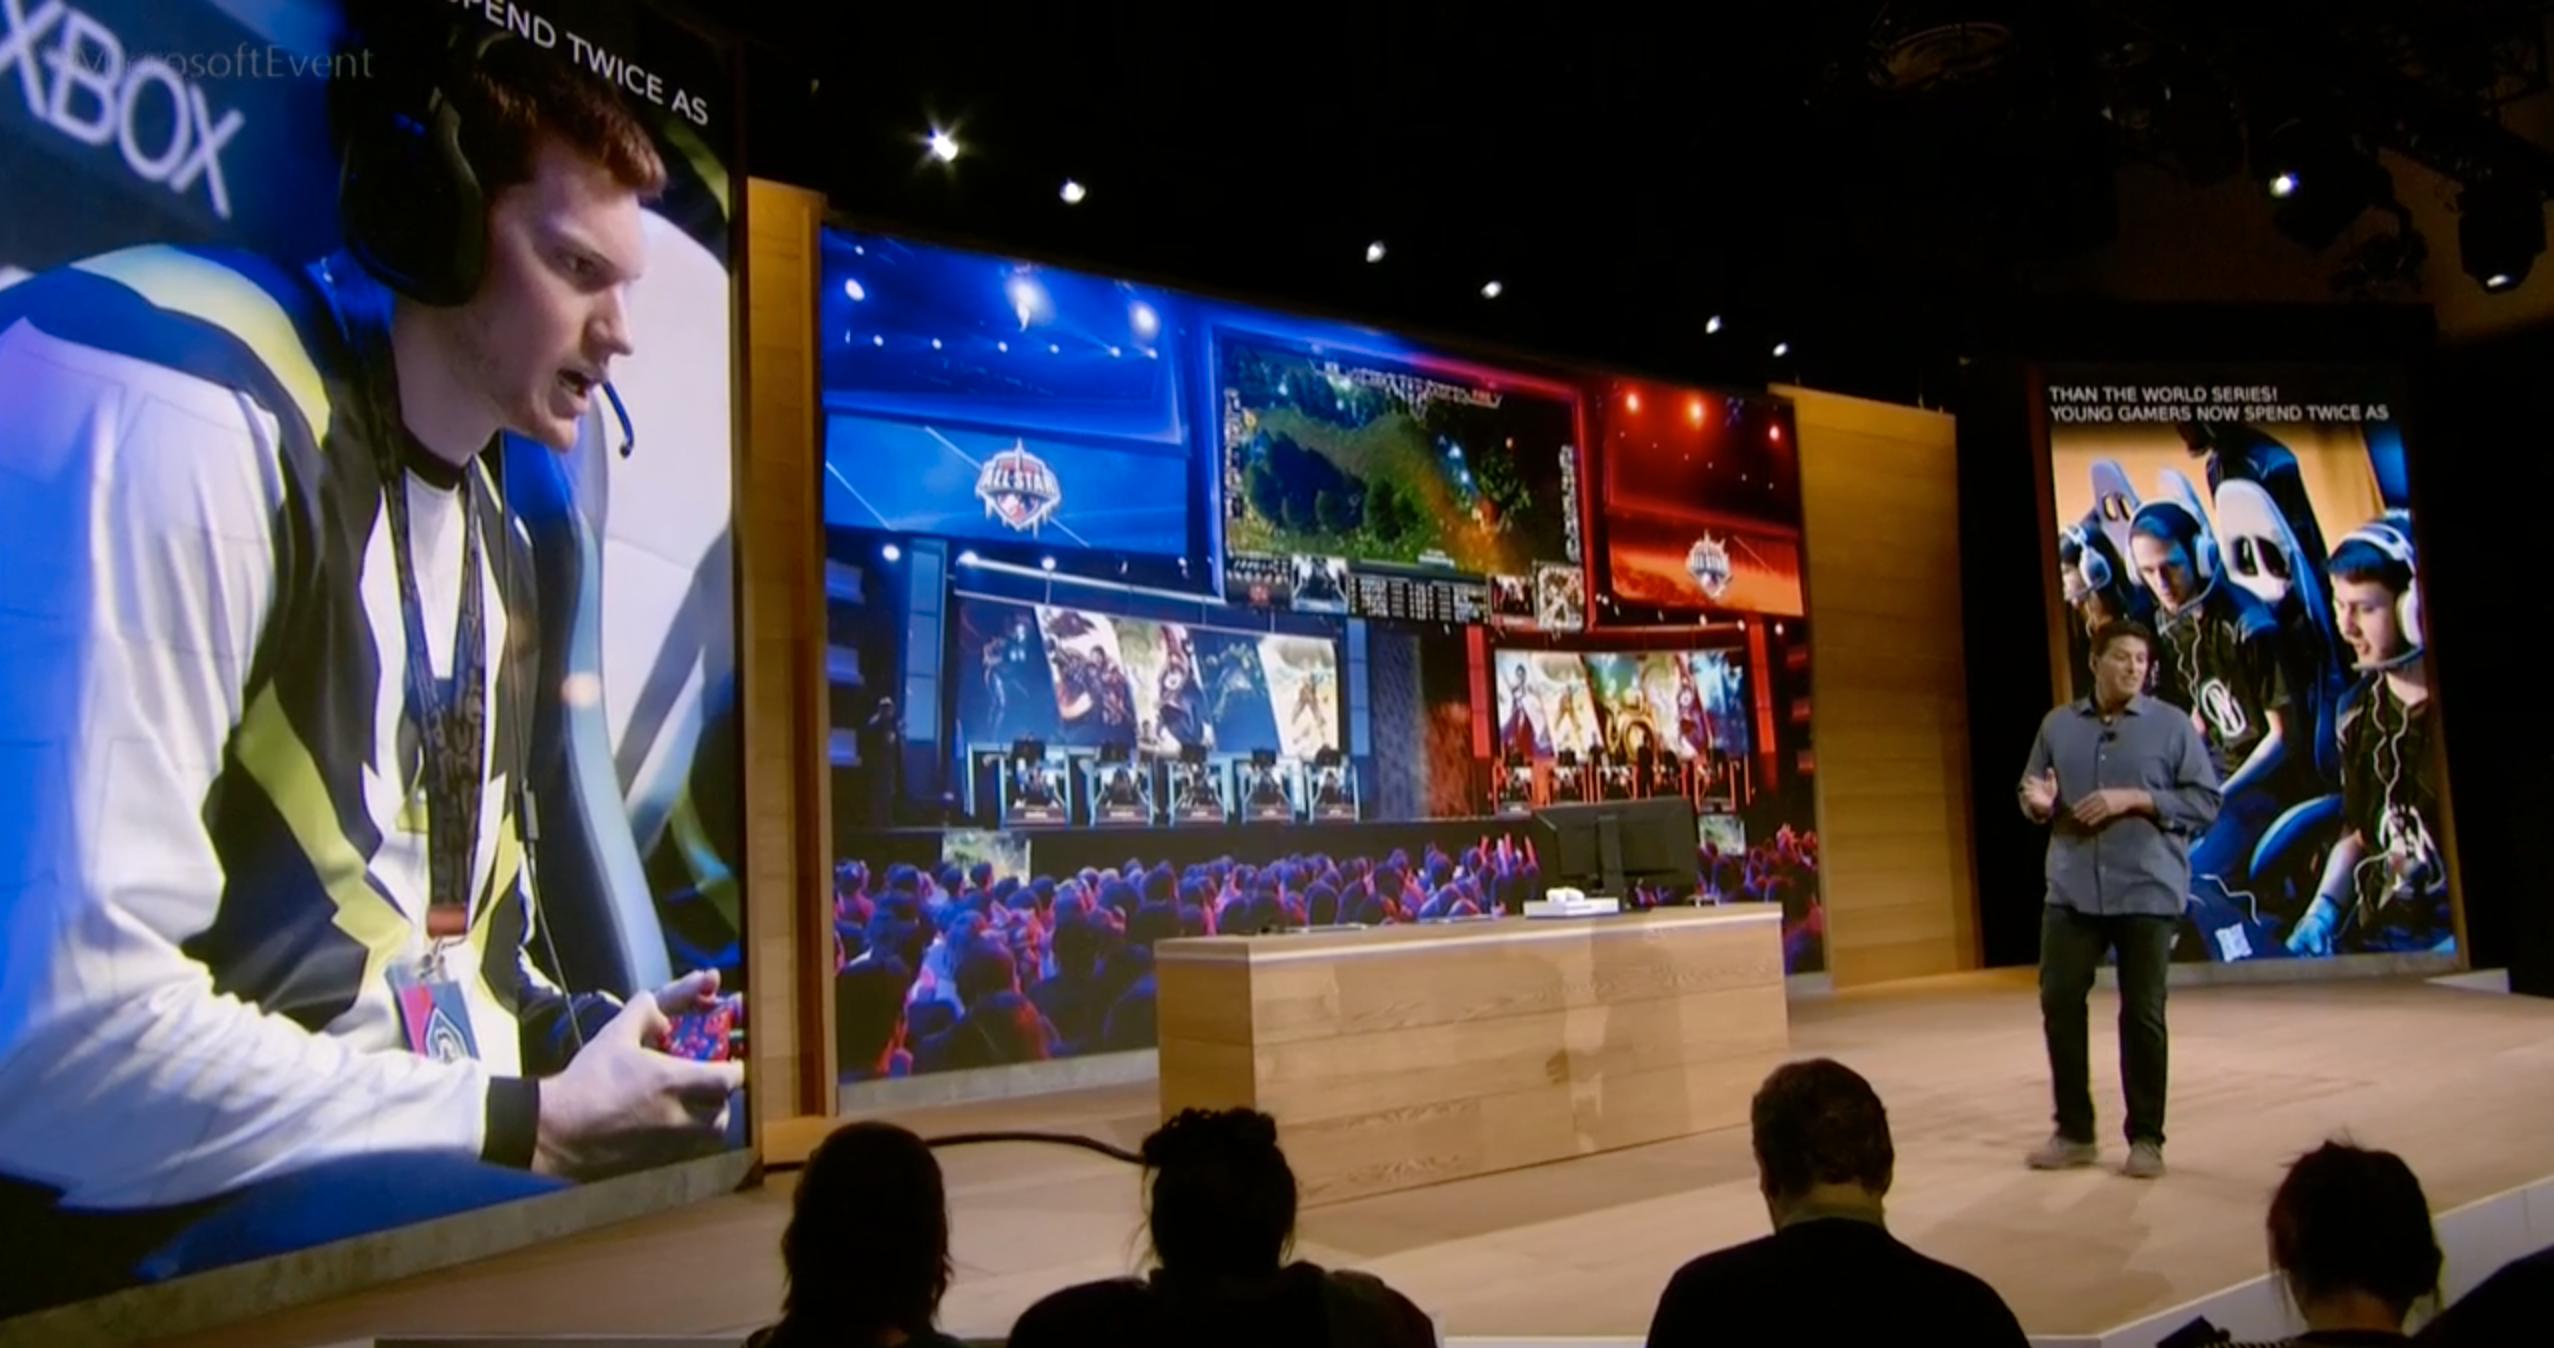 League of Legends bli nevnt som et enorm e-sport-spill. Den nye utgaven av Windows 10 skal være spesialtilpasset for gamere.